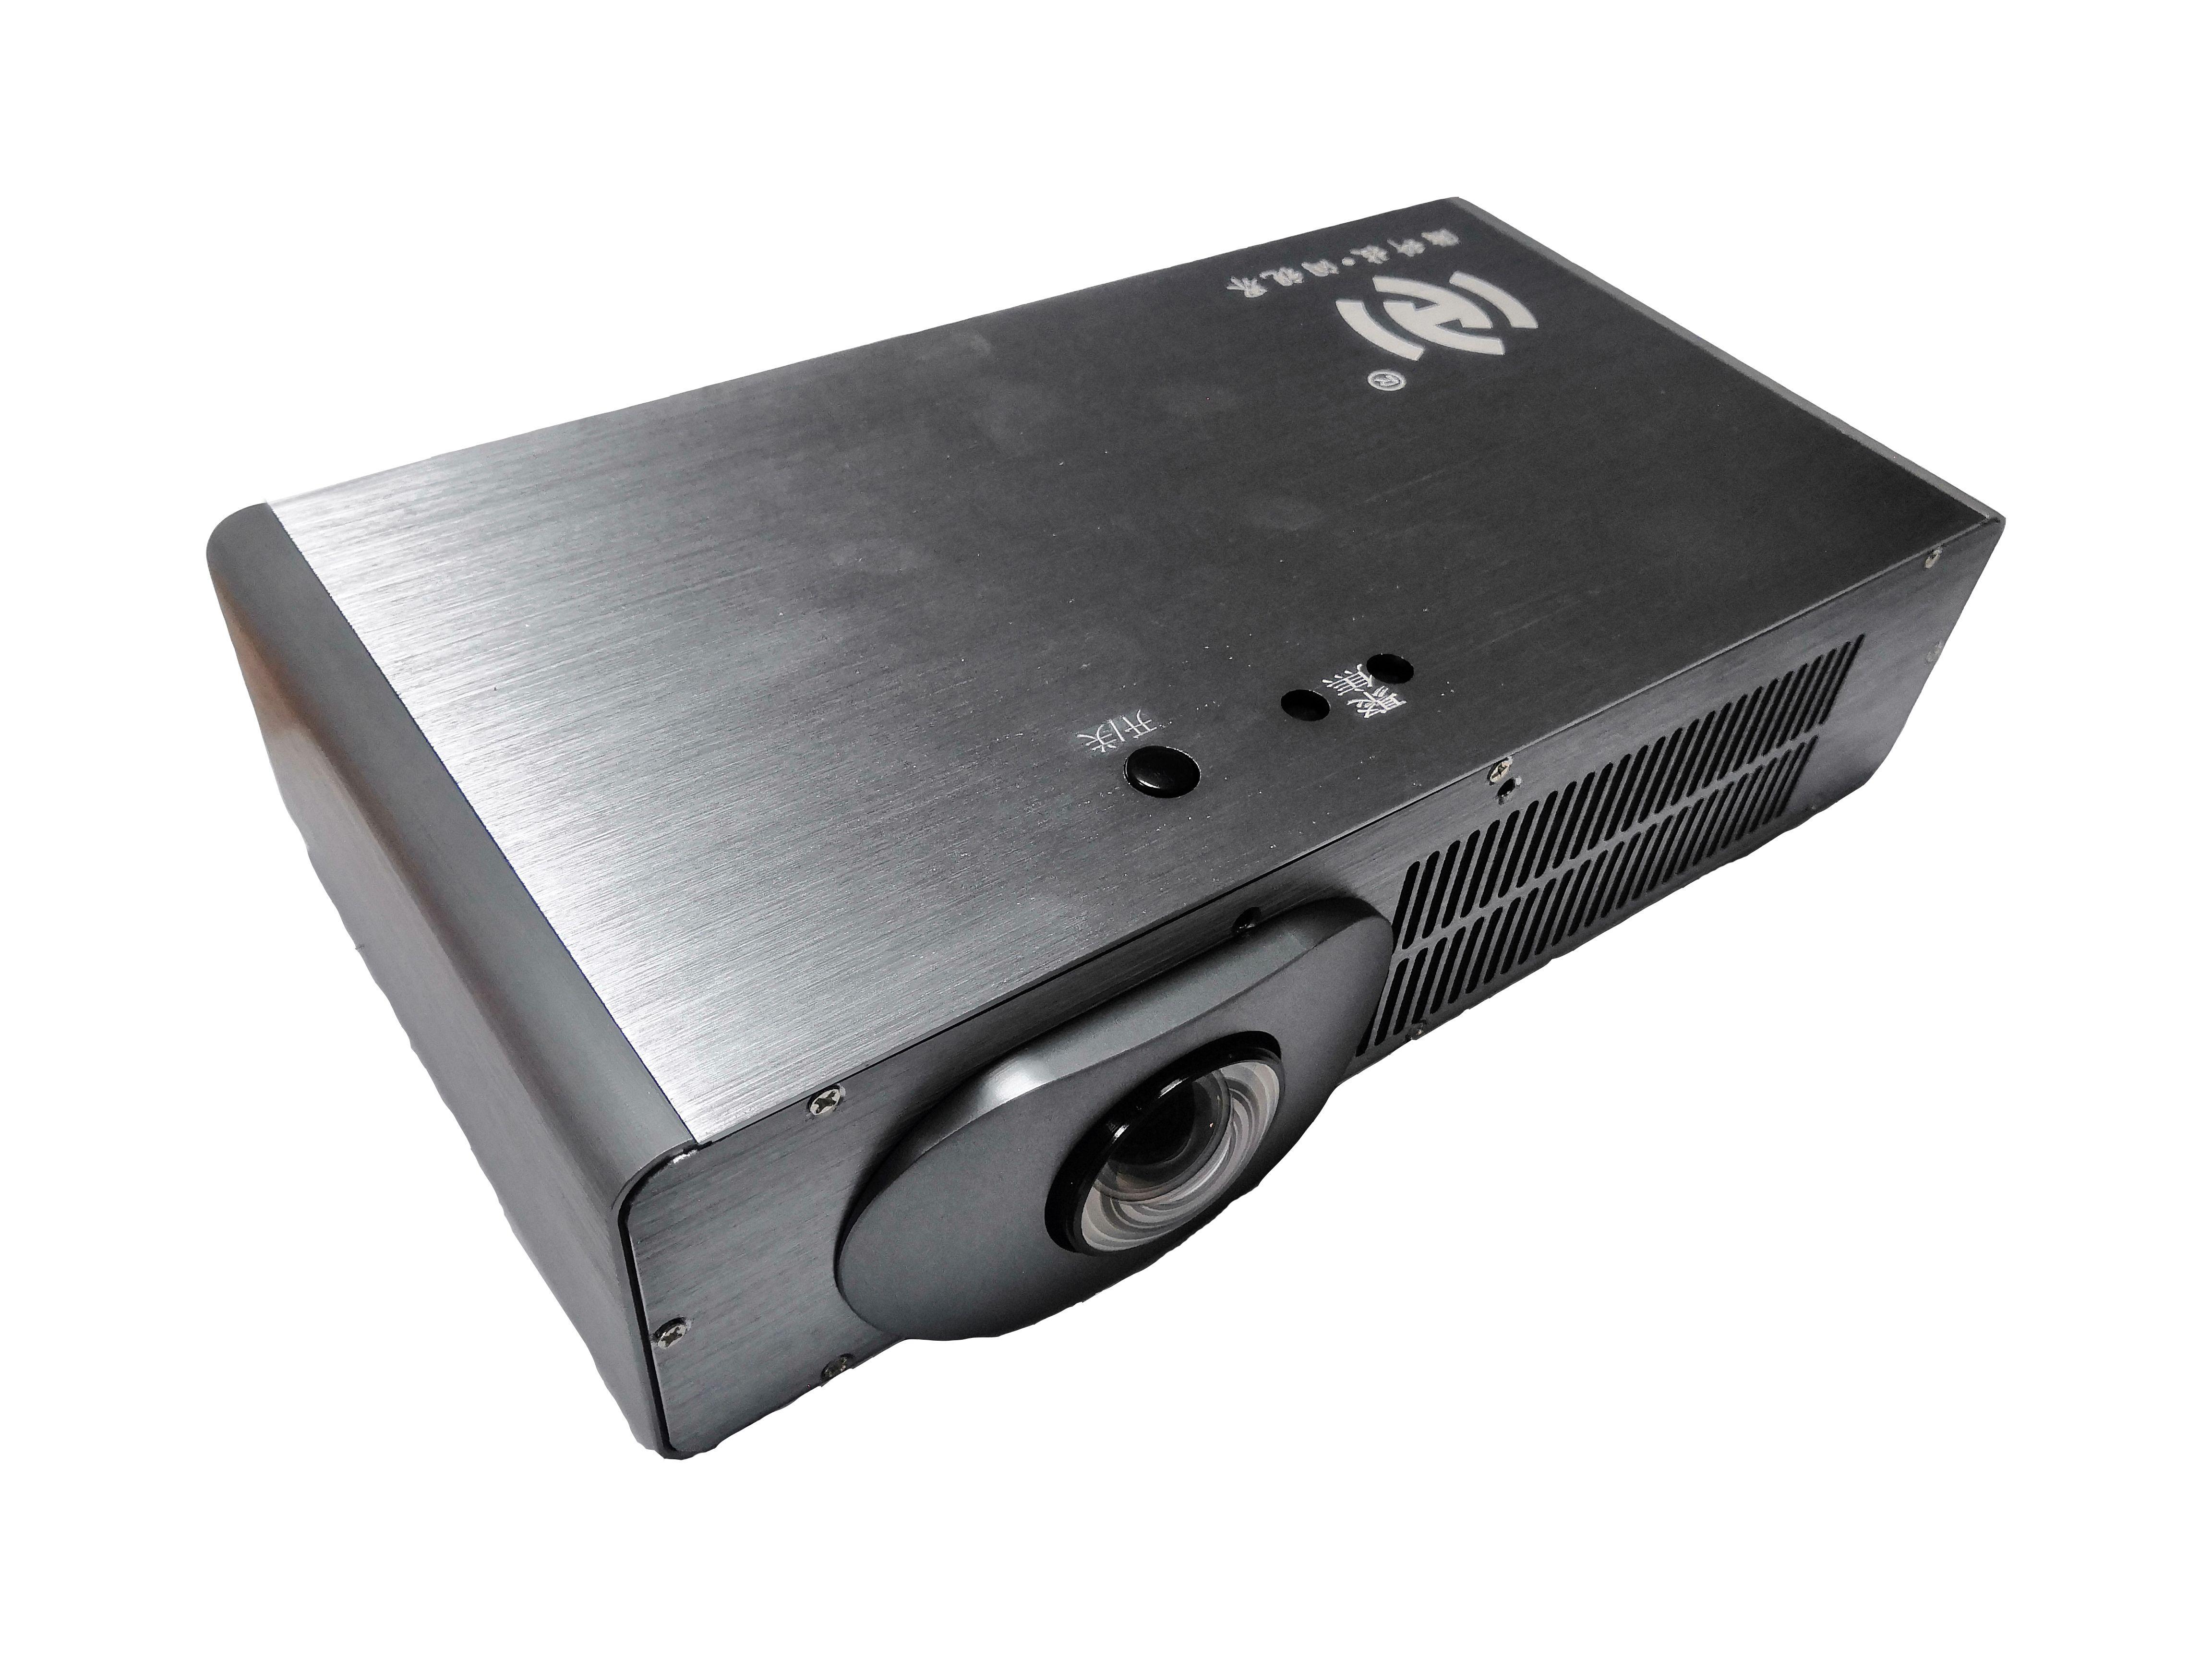 HR-D370PRO LED短焦投影 KTV全景投影 KTV投影 短焦投影机